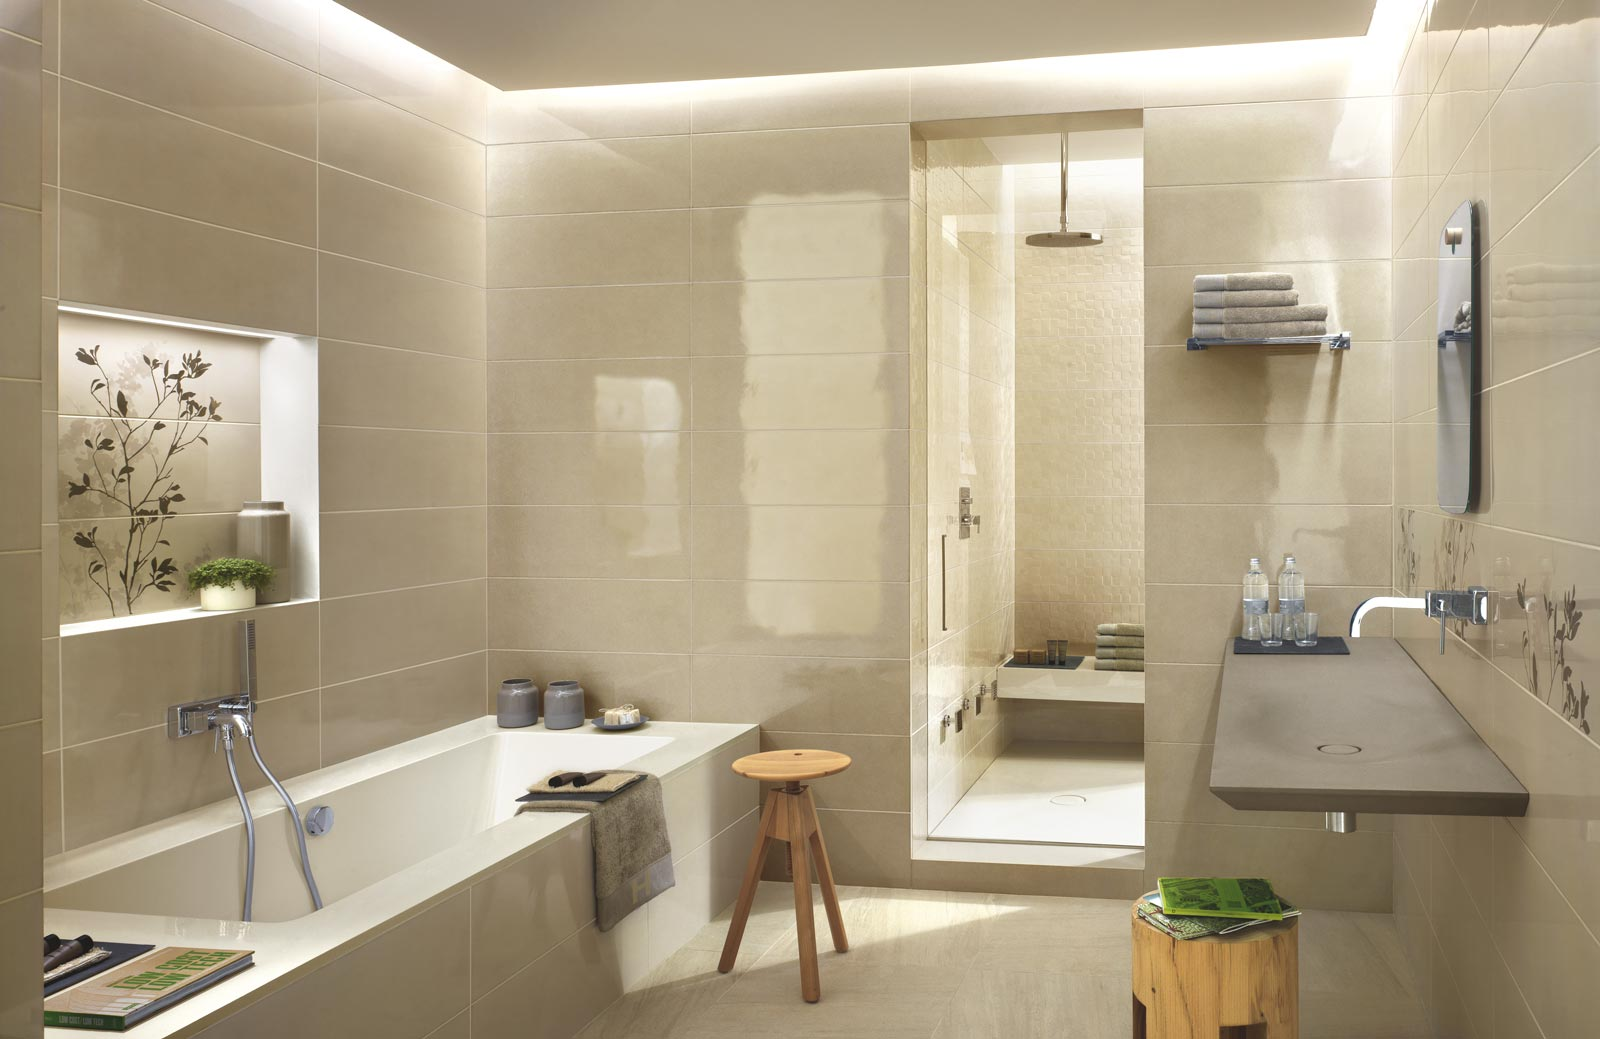 Piastrelle verdi per bagno lampade da sospensione a tre luci